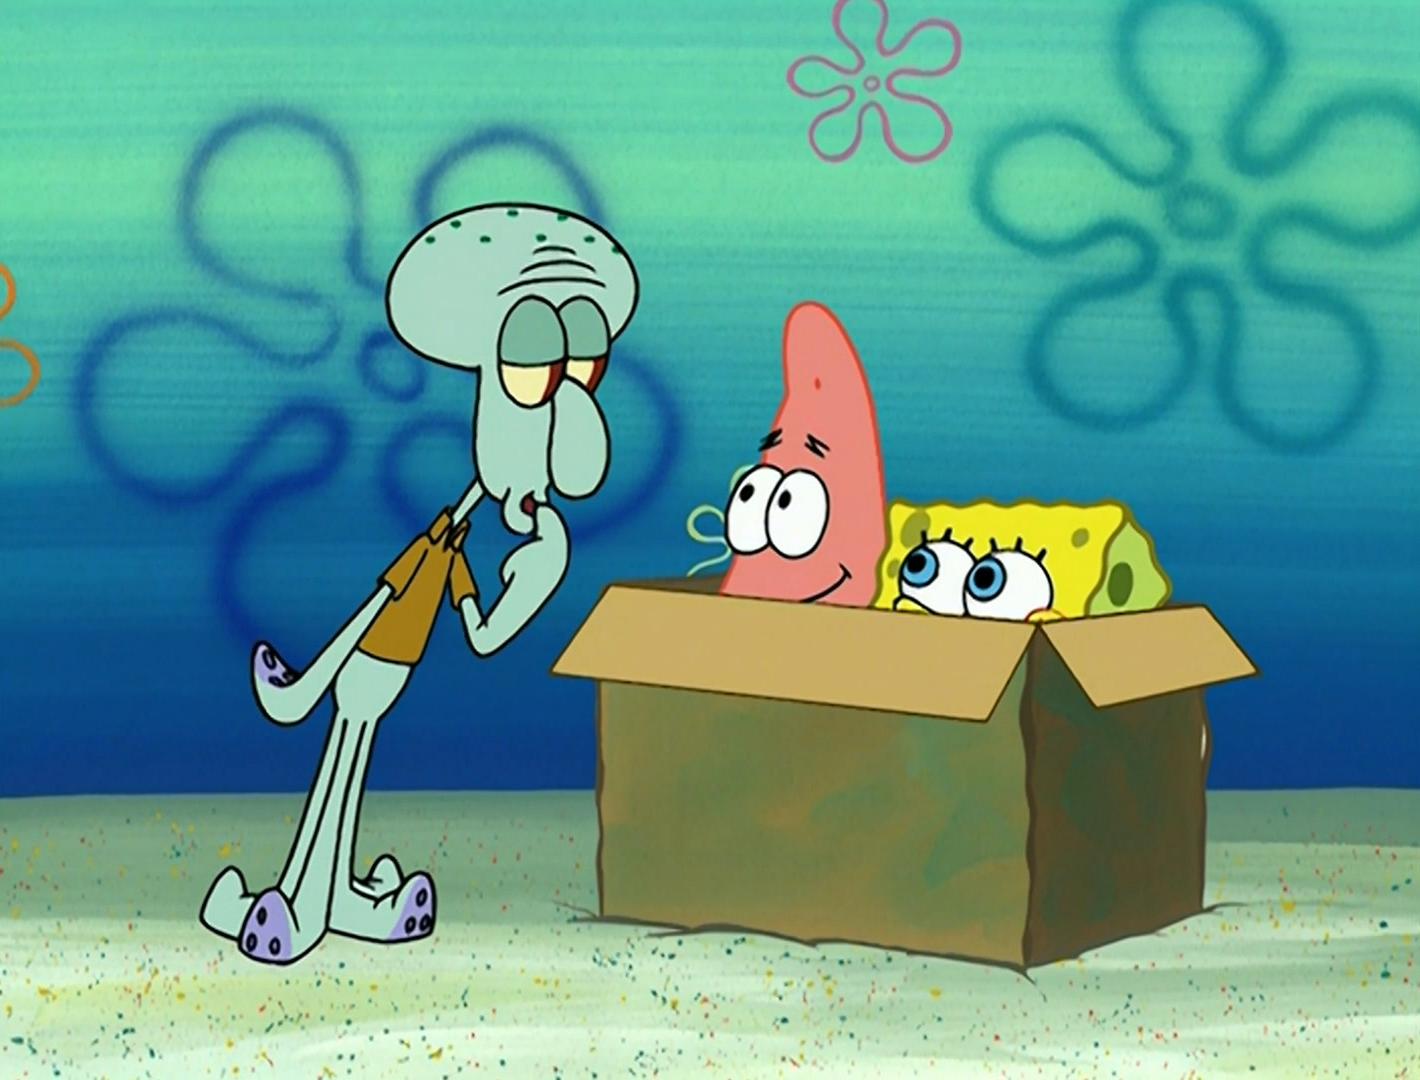 File:Idiot Box 025.png